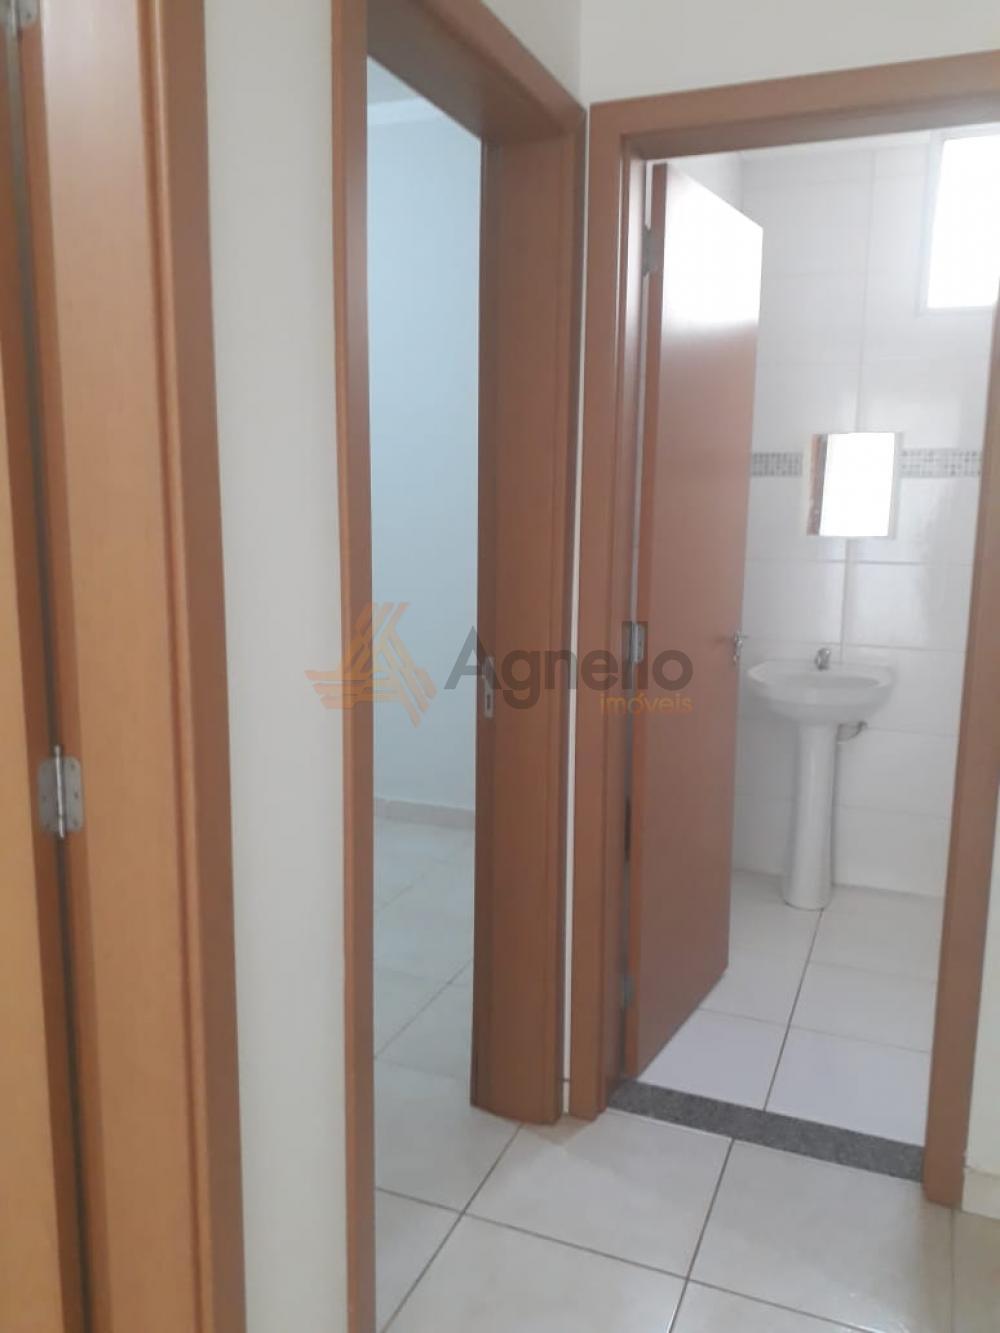 Comprar Apartamento / Padrão em Franca R$ 170.000,00 - Foto 11